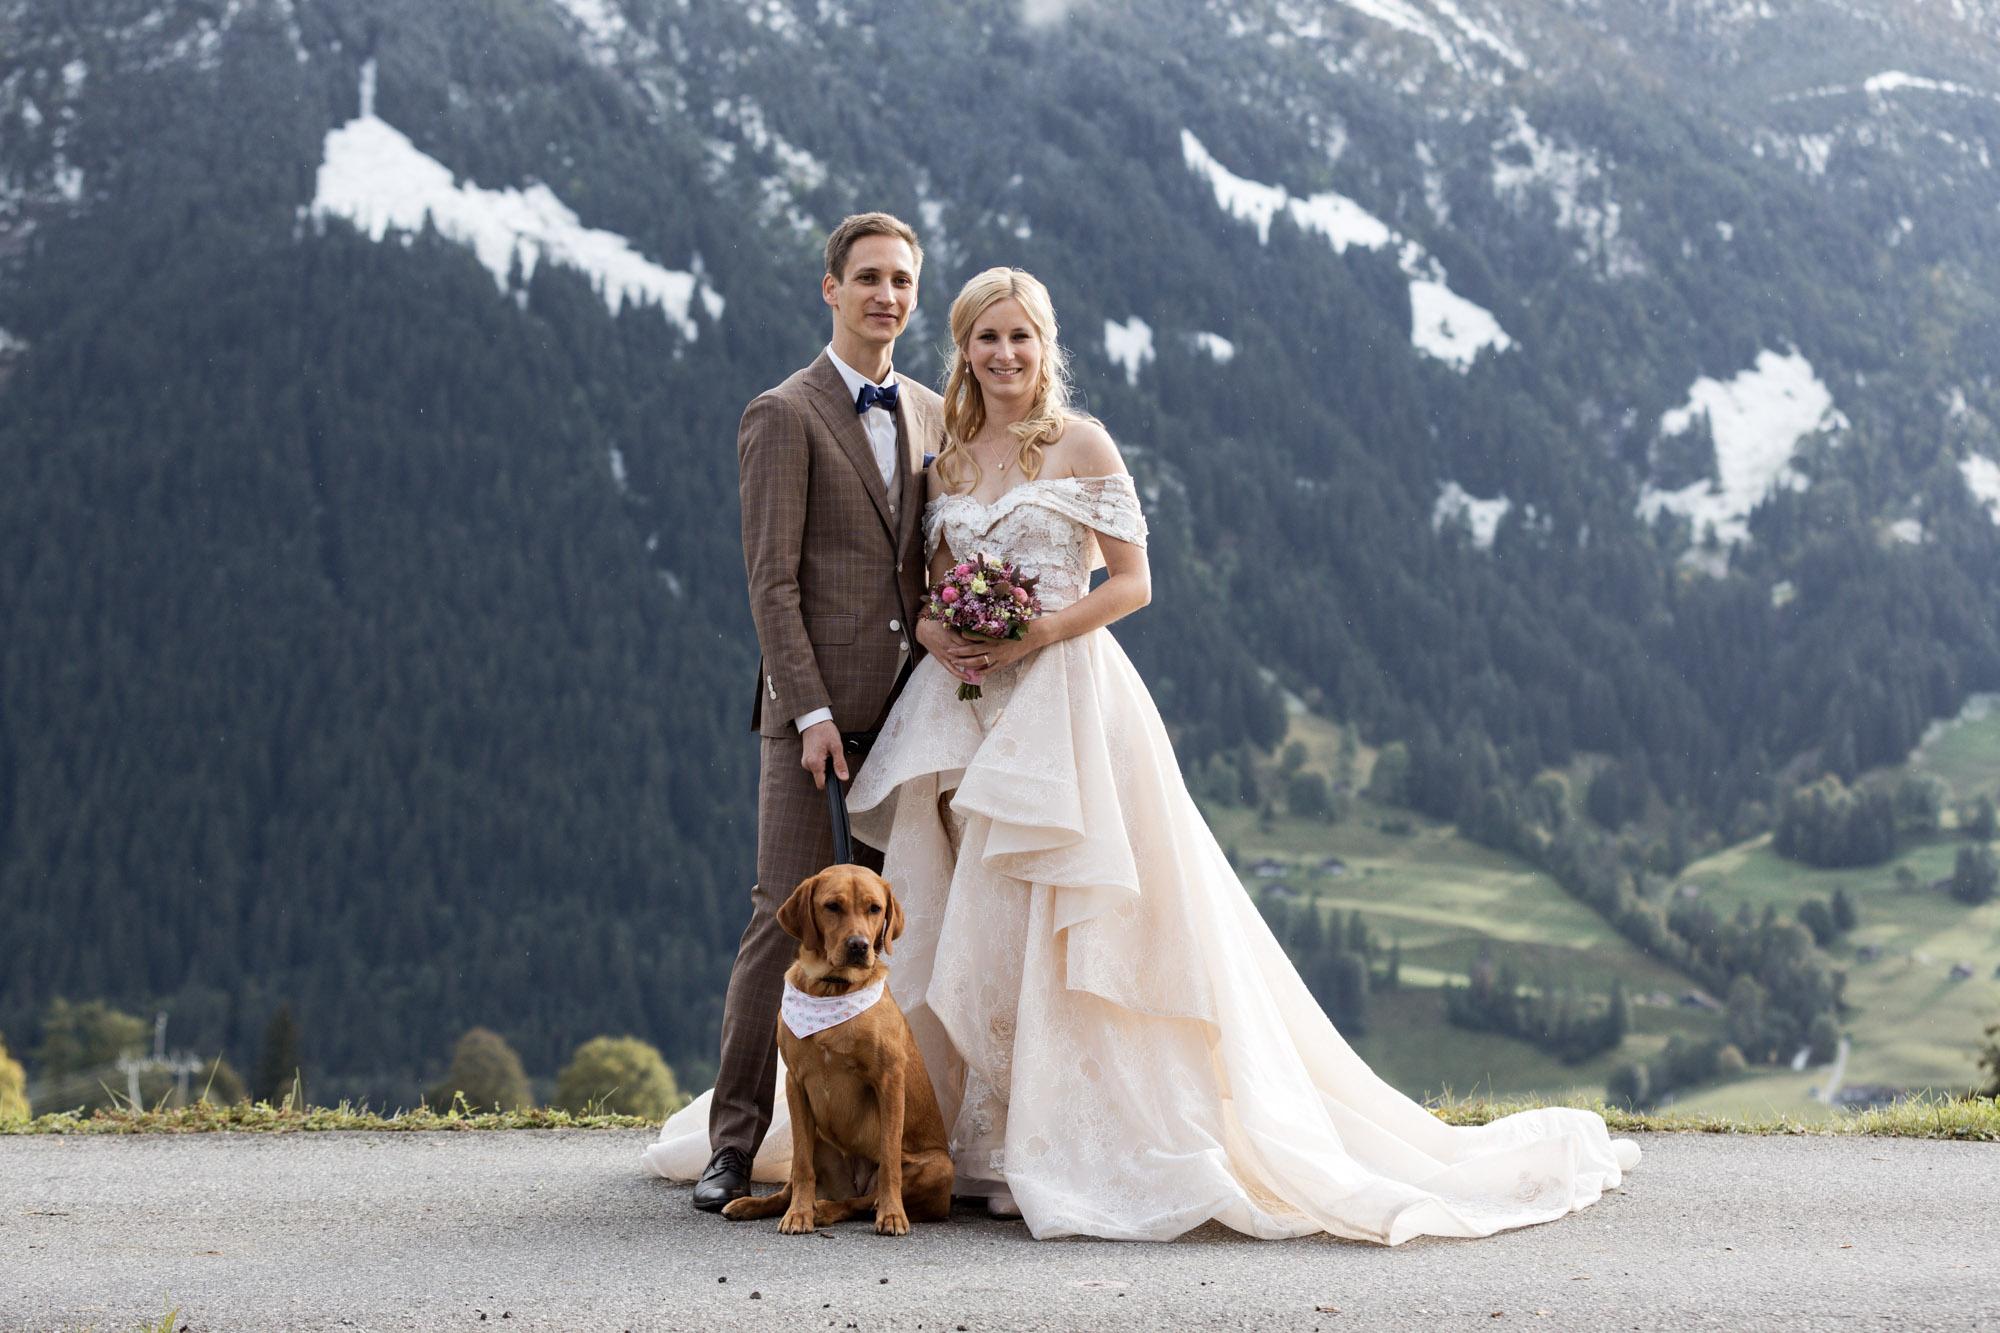 Das Brautpaar mit ihrem süssen Hund - Hochzeit in den Bergen - Hochzeitsfotograf